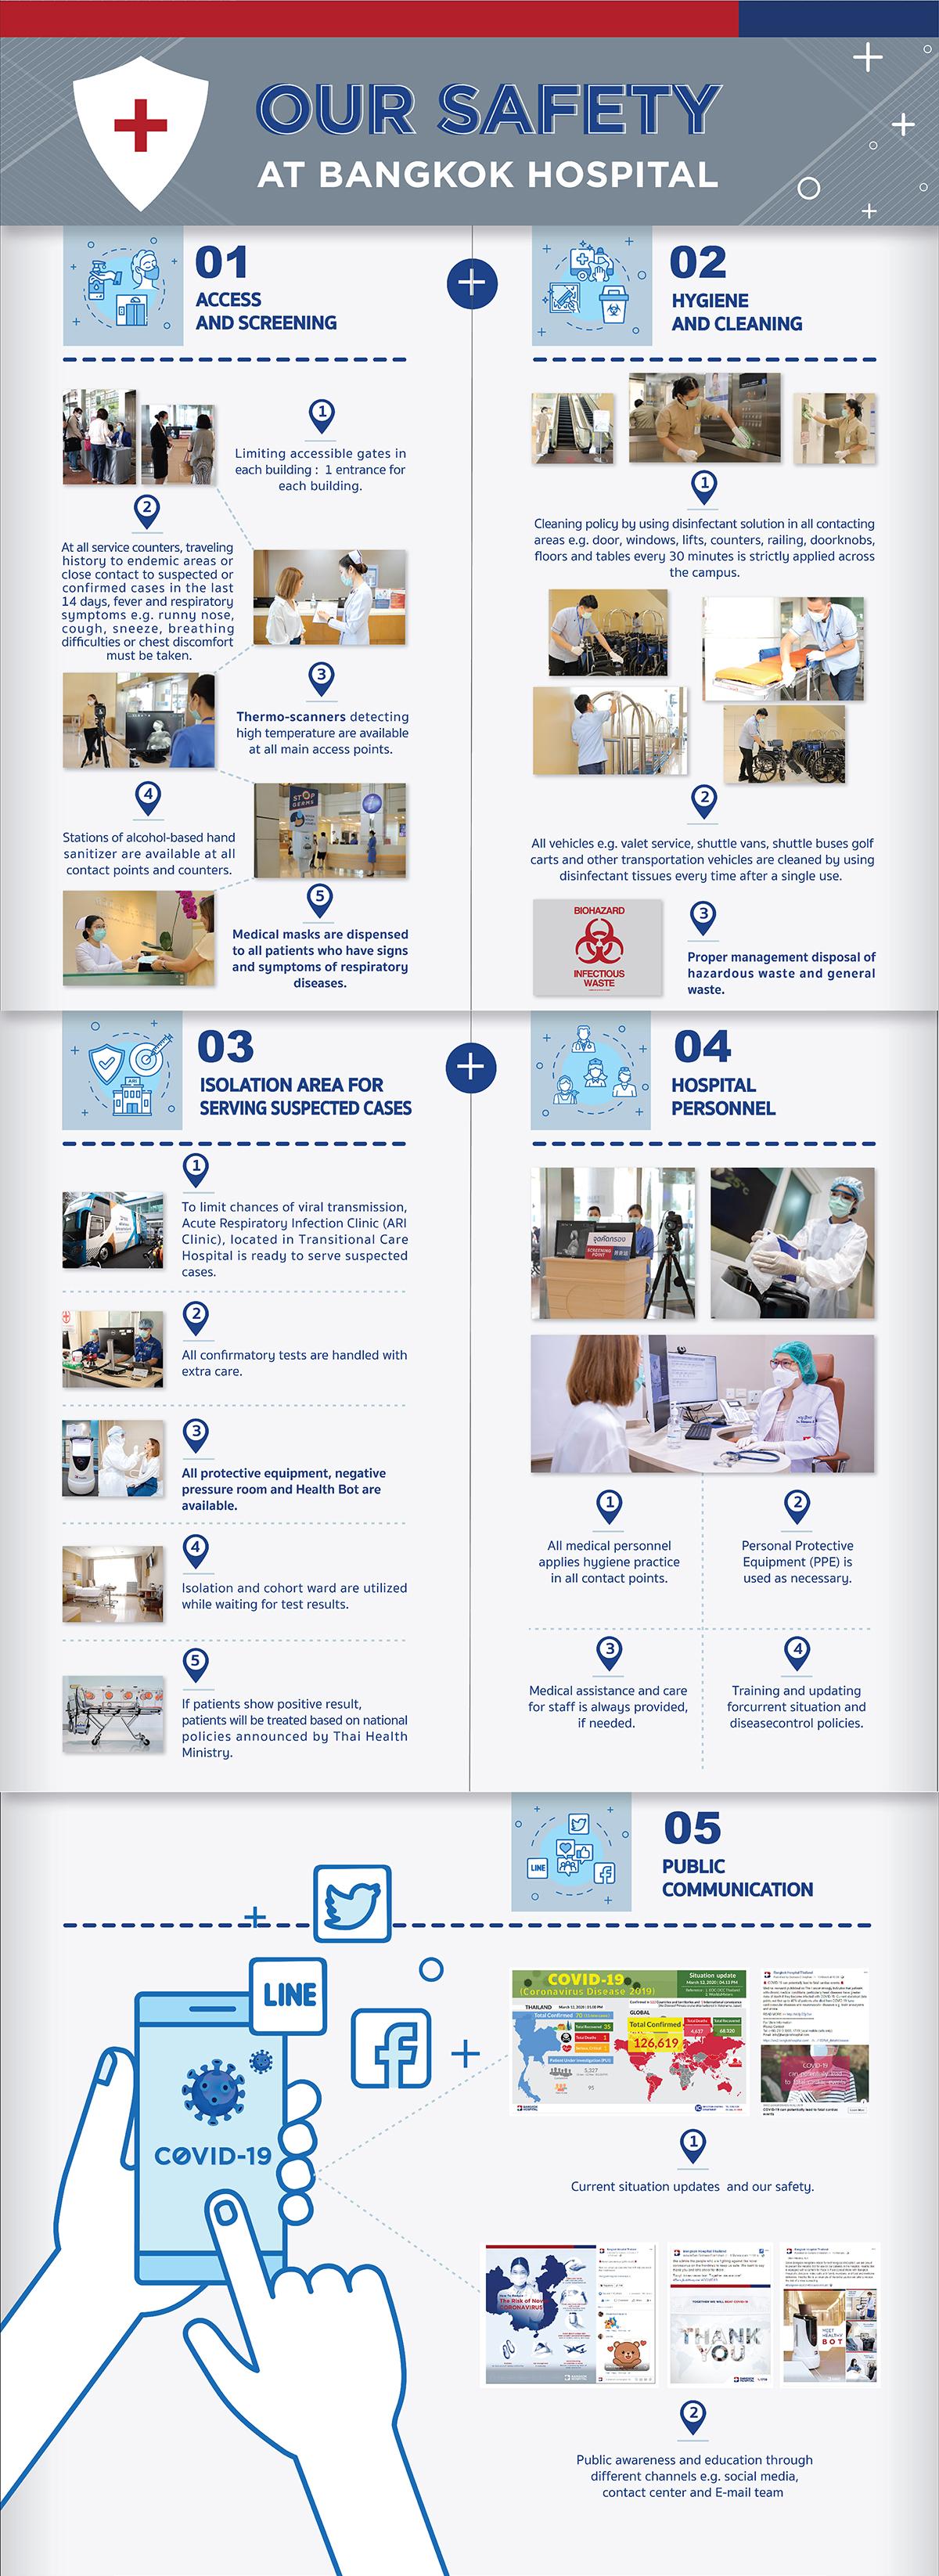 OUR SAFETY AT BANGKOK HOSPITAL